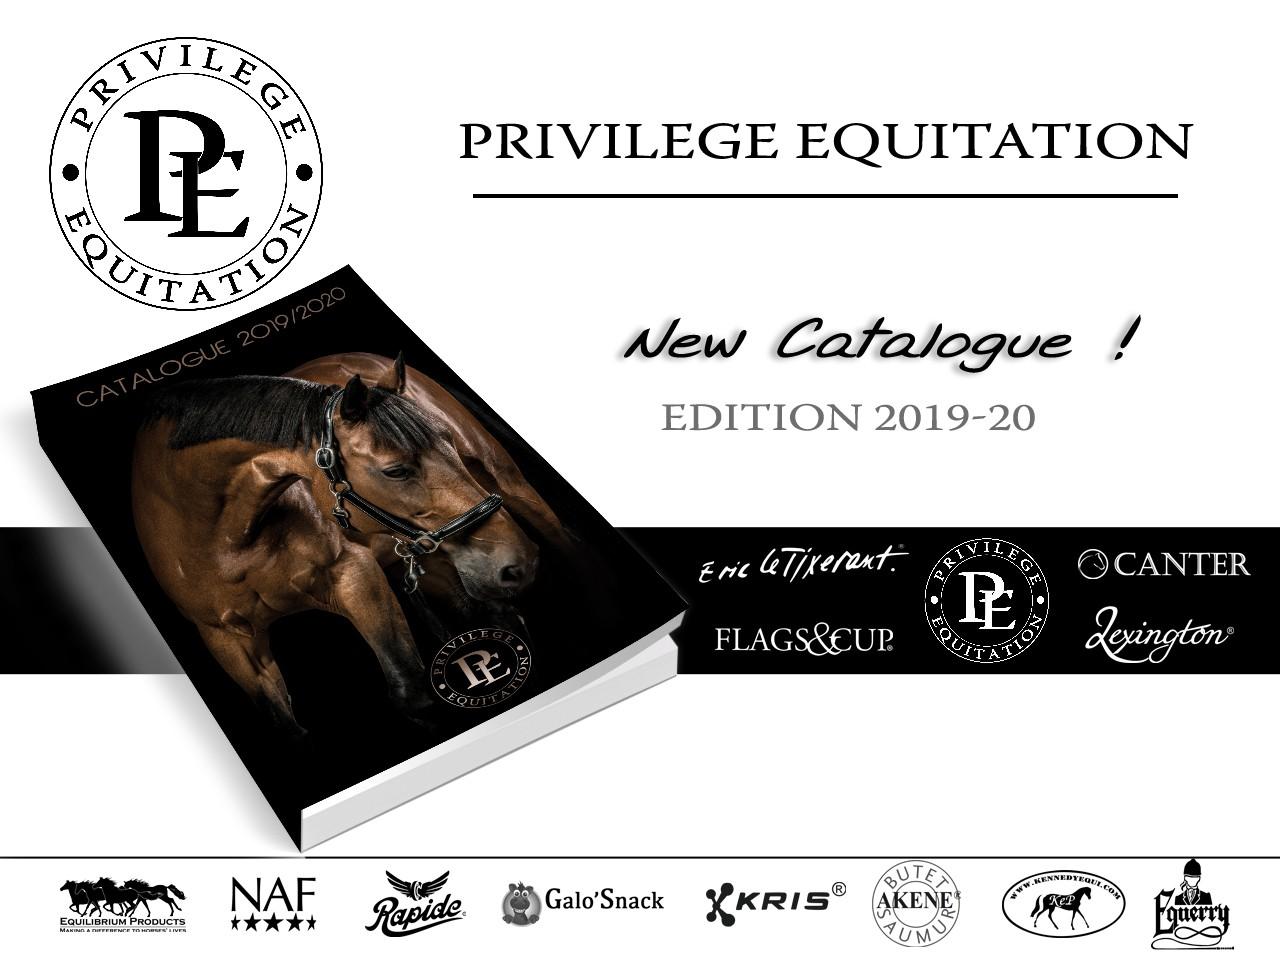 Nouveau catalogue Privilège Equitation - Edition 2019-20